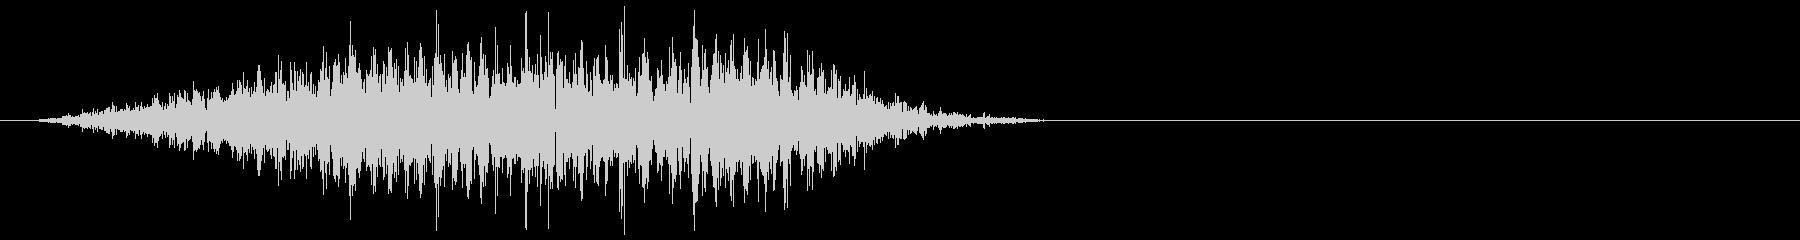 モンスター 発声 26の未再生の波形